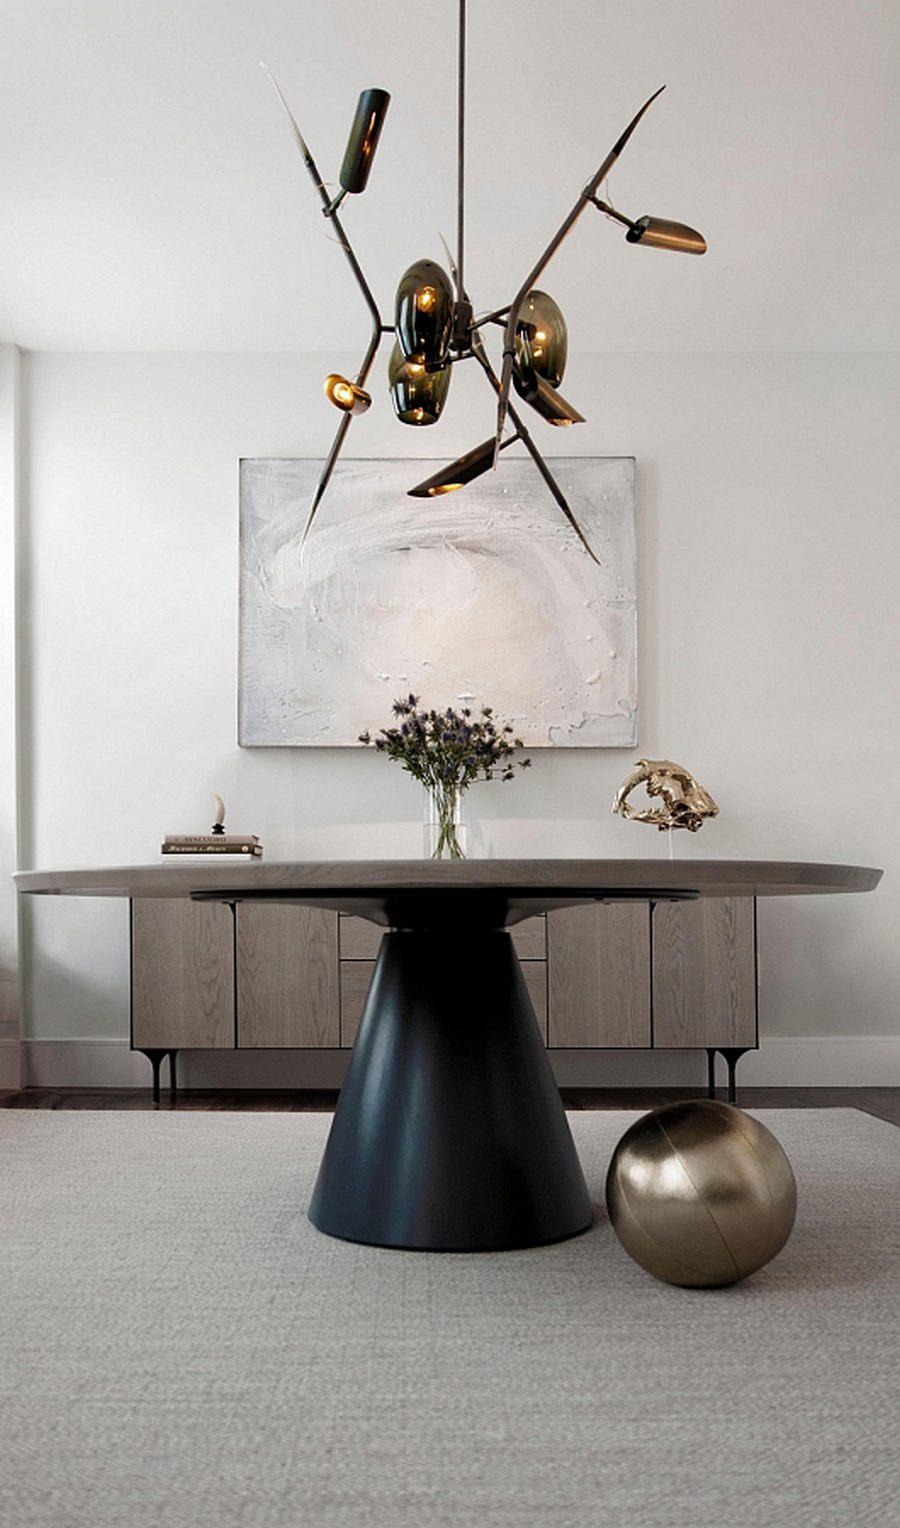 Дизайнерская люстра как единственный яркий акцент в минималистичной гостиной